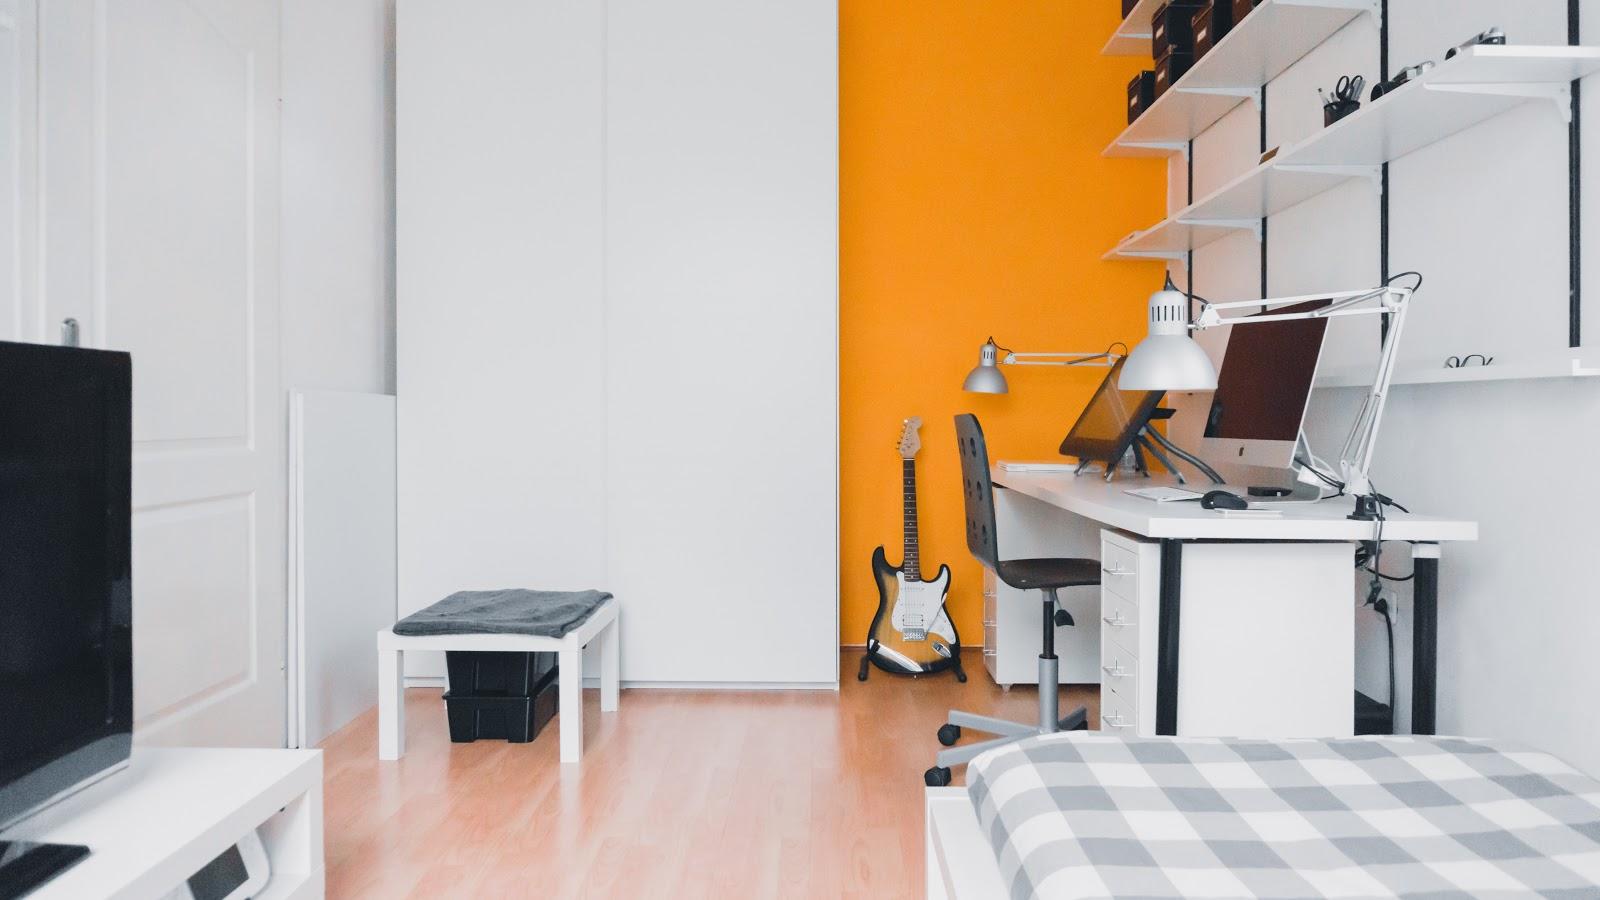 Desain minimalis memberikan kenyamanan lebih - source: unsplash.com